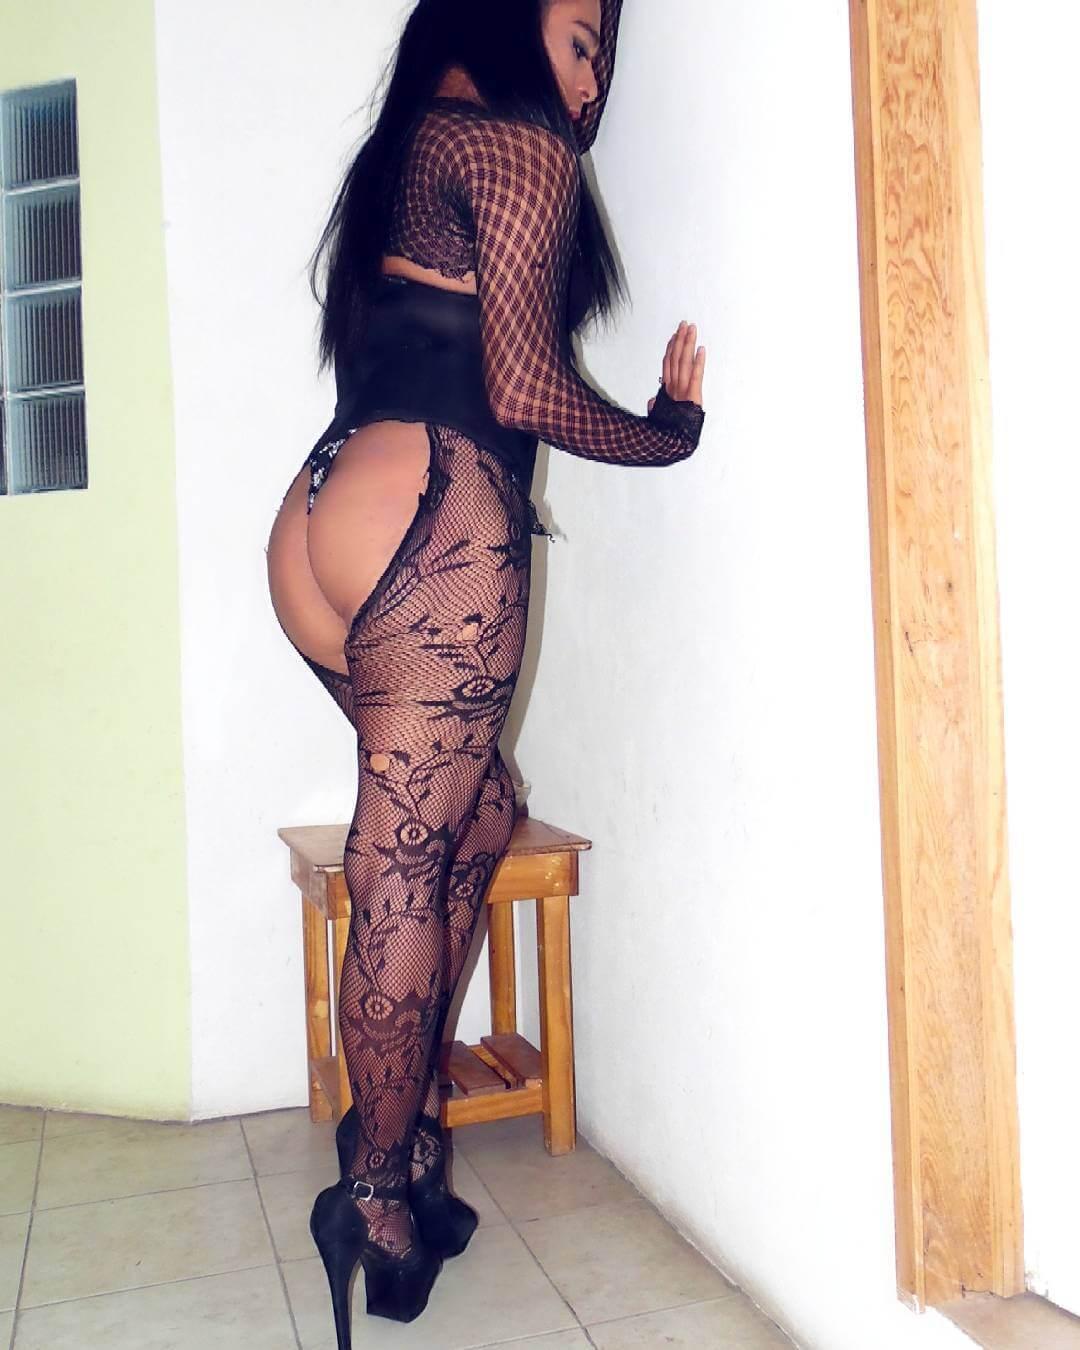 rania mendoza escort travesti en lenceria